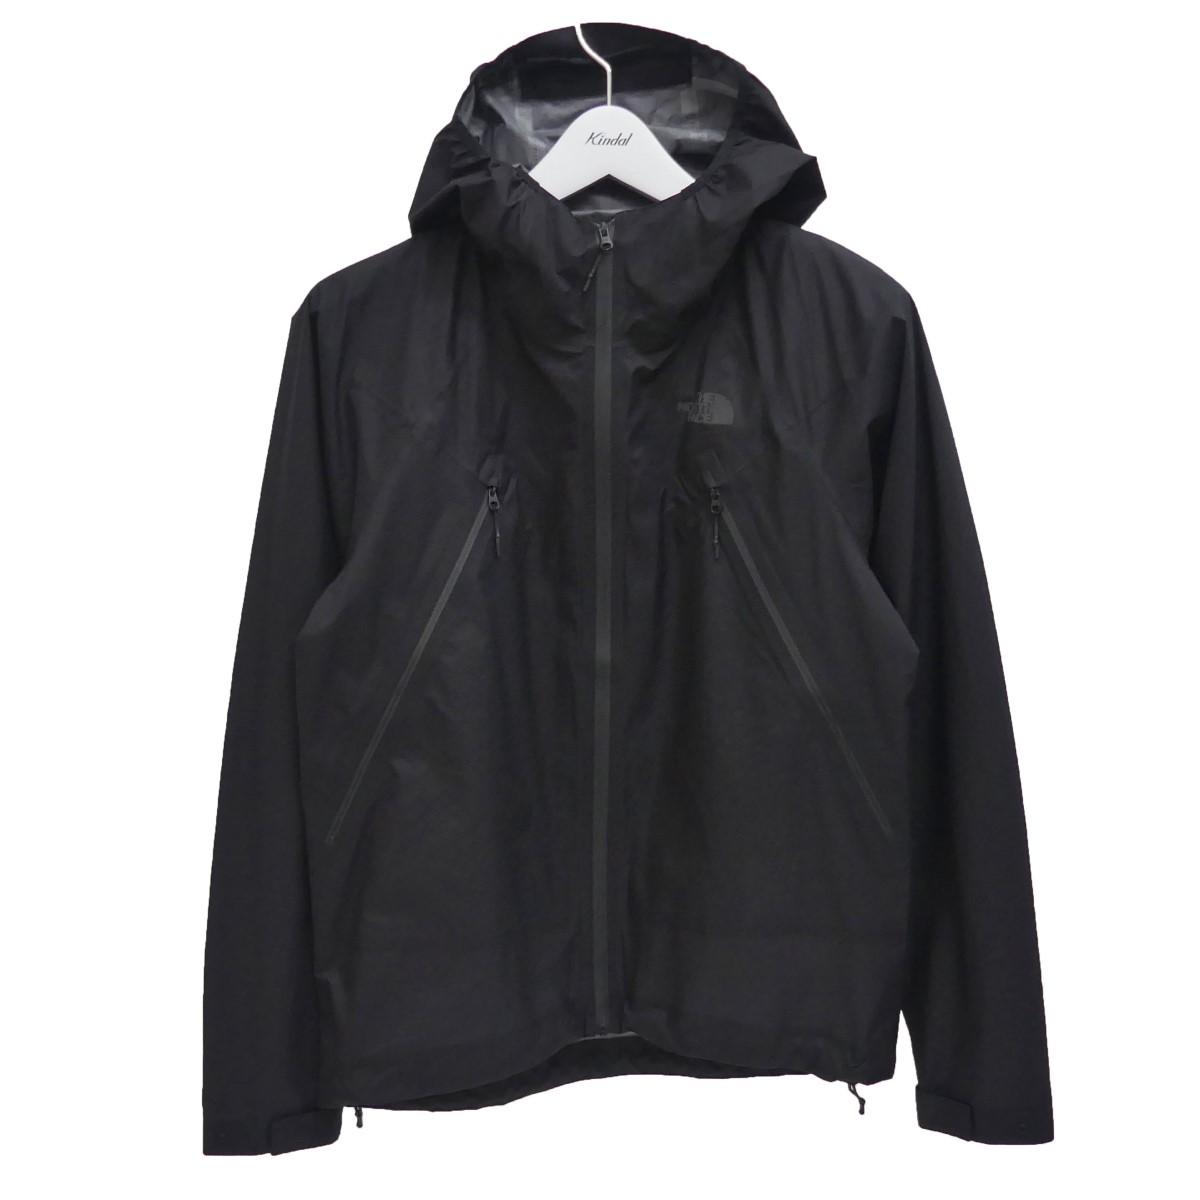 【中古】THE NORTH FACE OPTIMIST JACKET オプティミスト ジャケット ブラック サイズ:M 【130720】(ザノースフェイス)